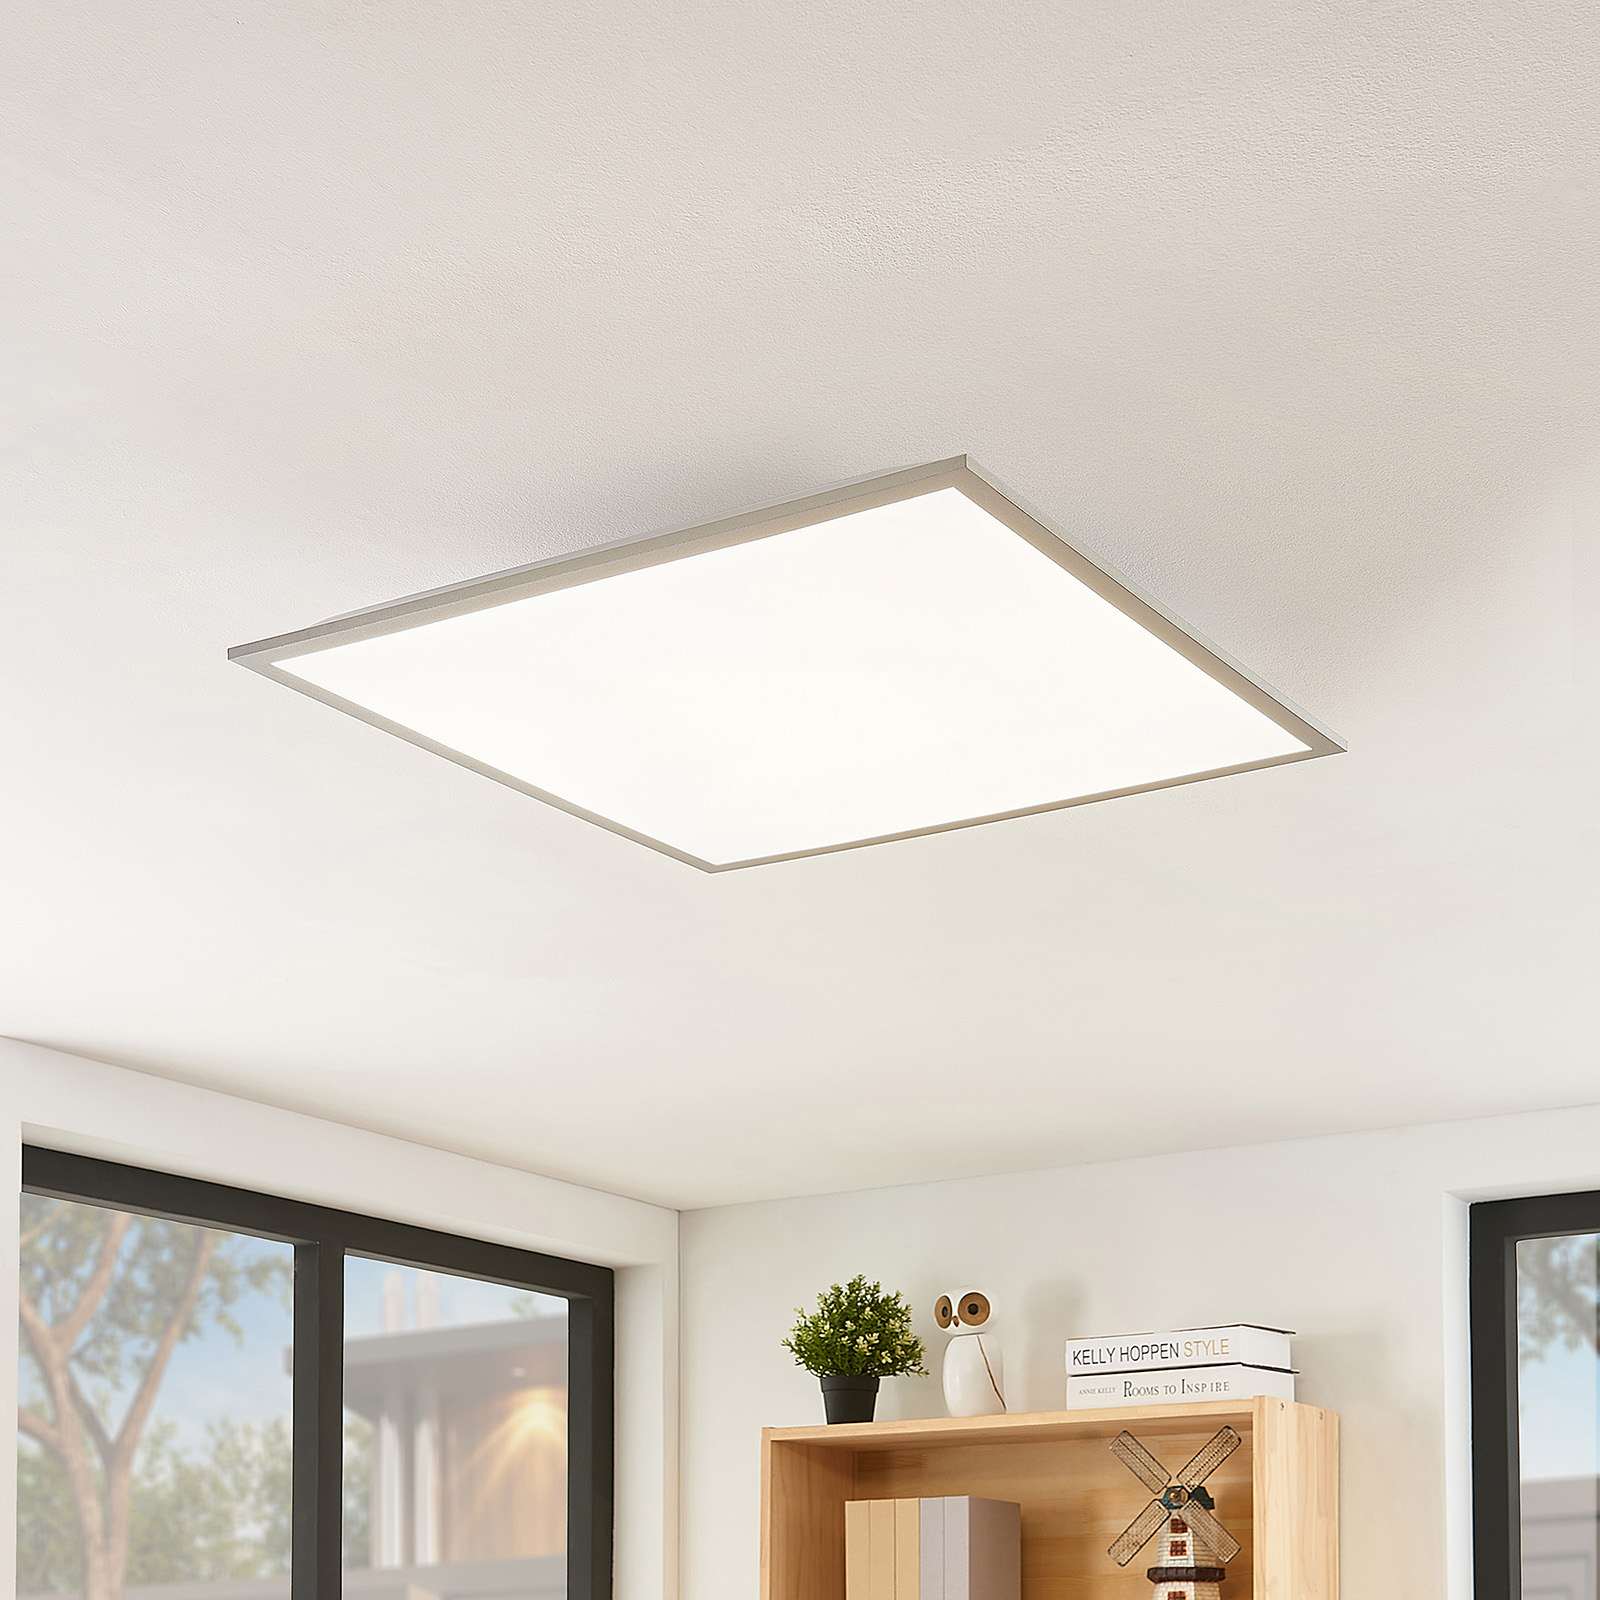 Acquista Lindby Stenley pannello LED CCT, 59 cm x 59 cm